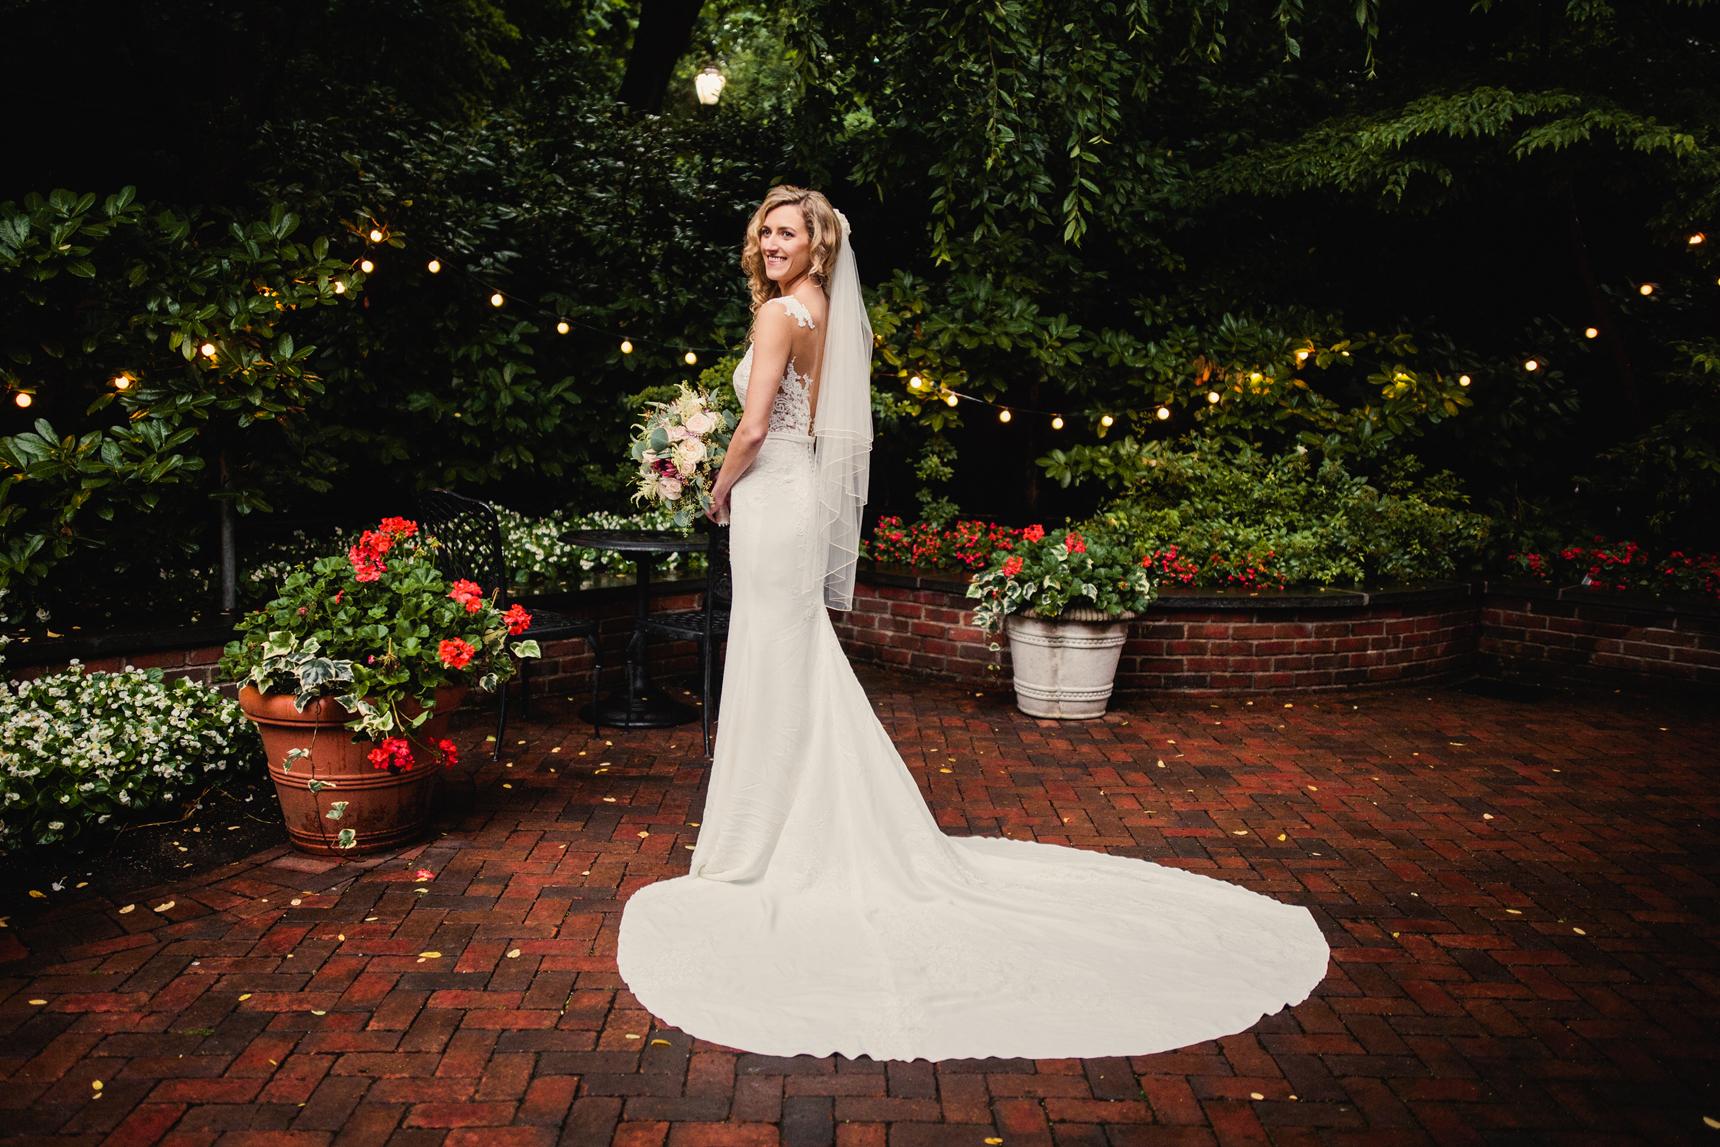 Jory_LoebBoathouse_CentralPark_NewYork_WeddingPhotographer108.jpg